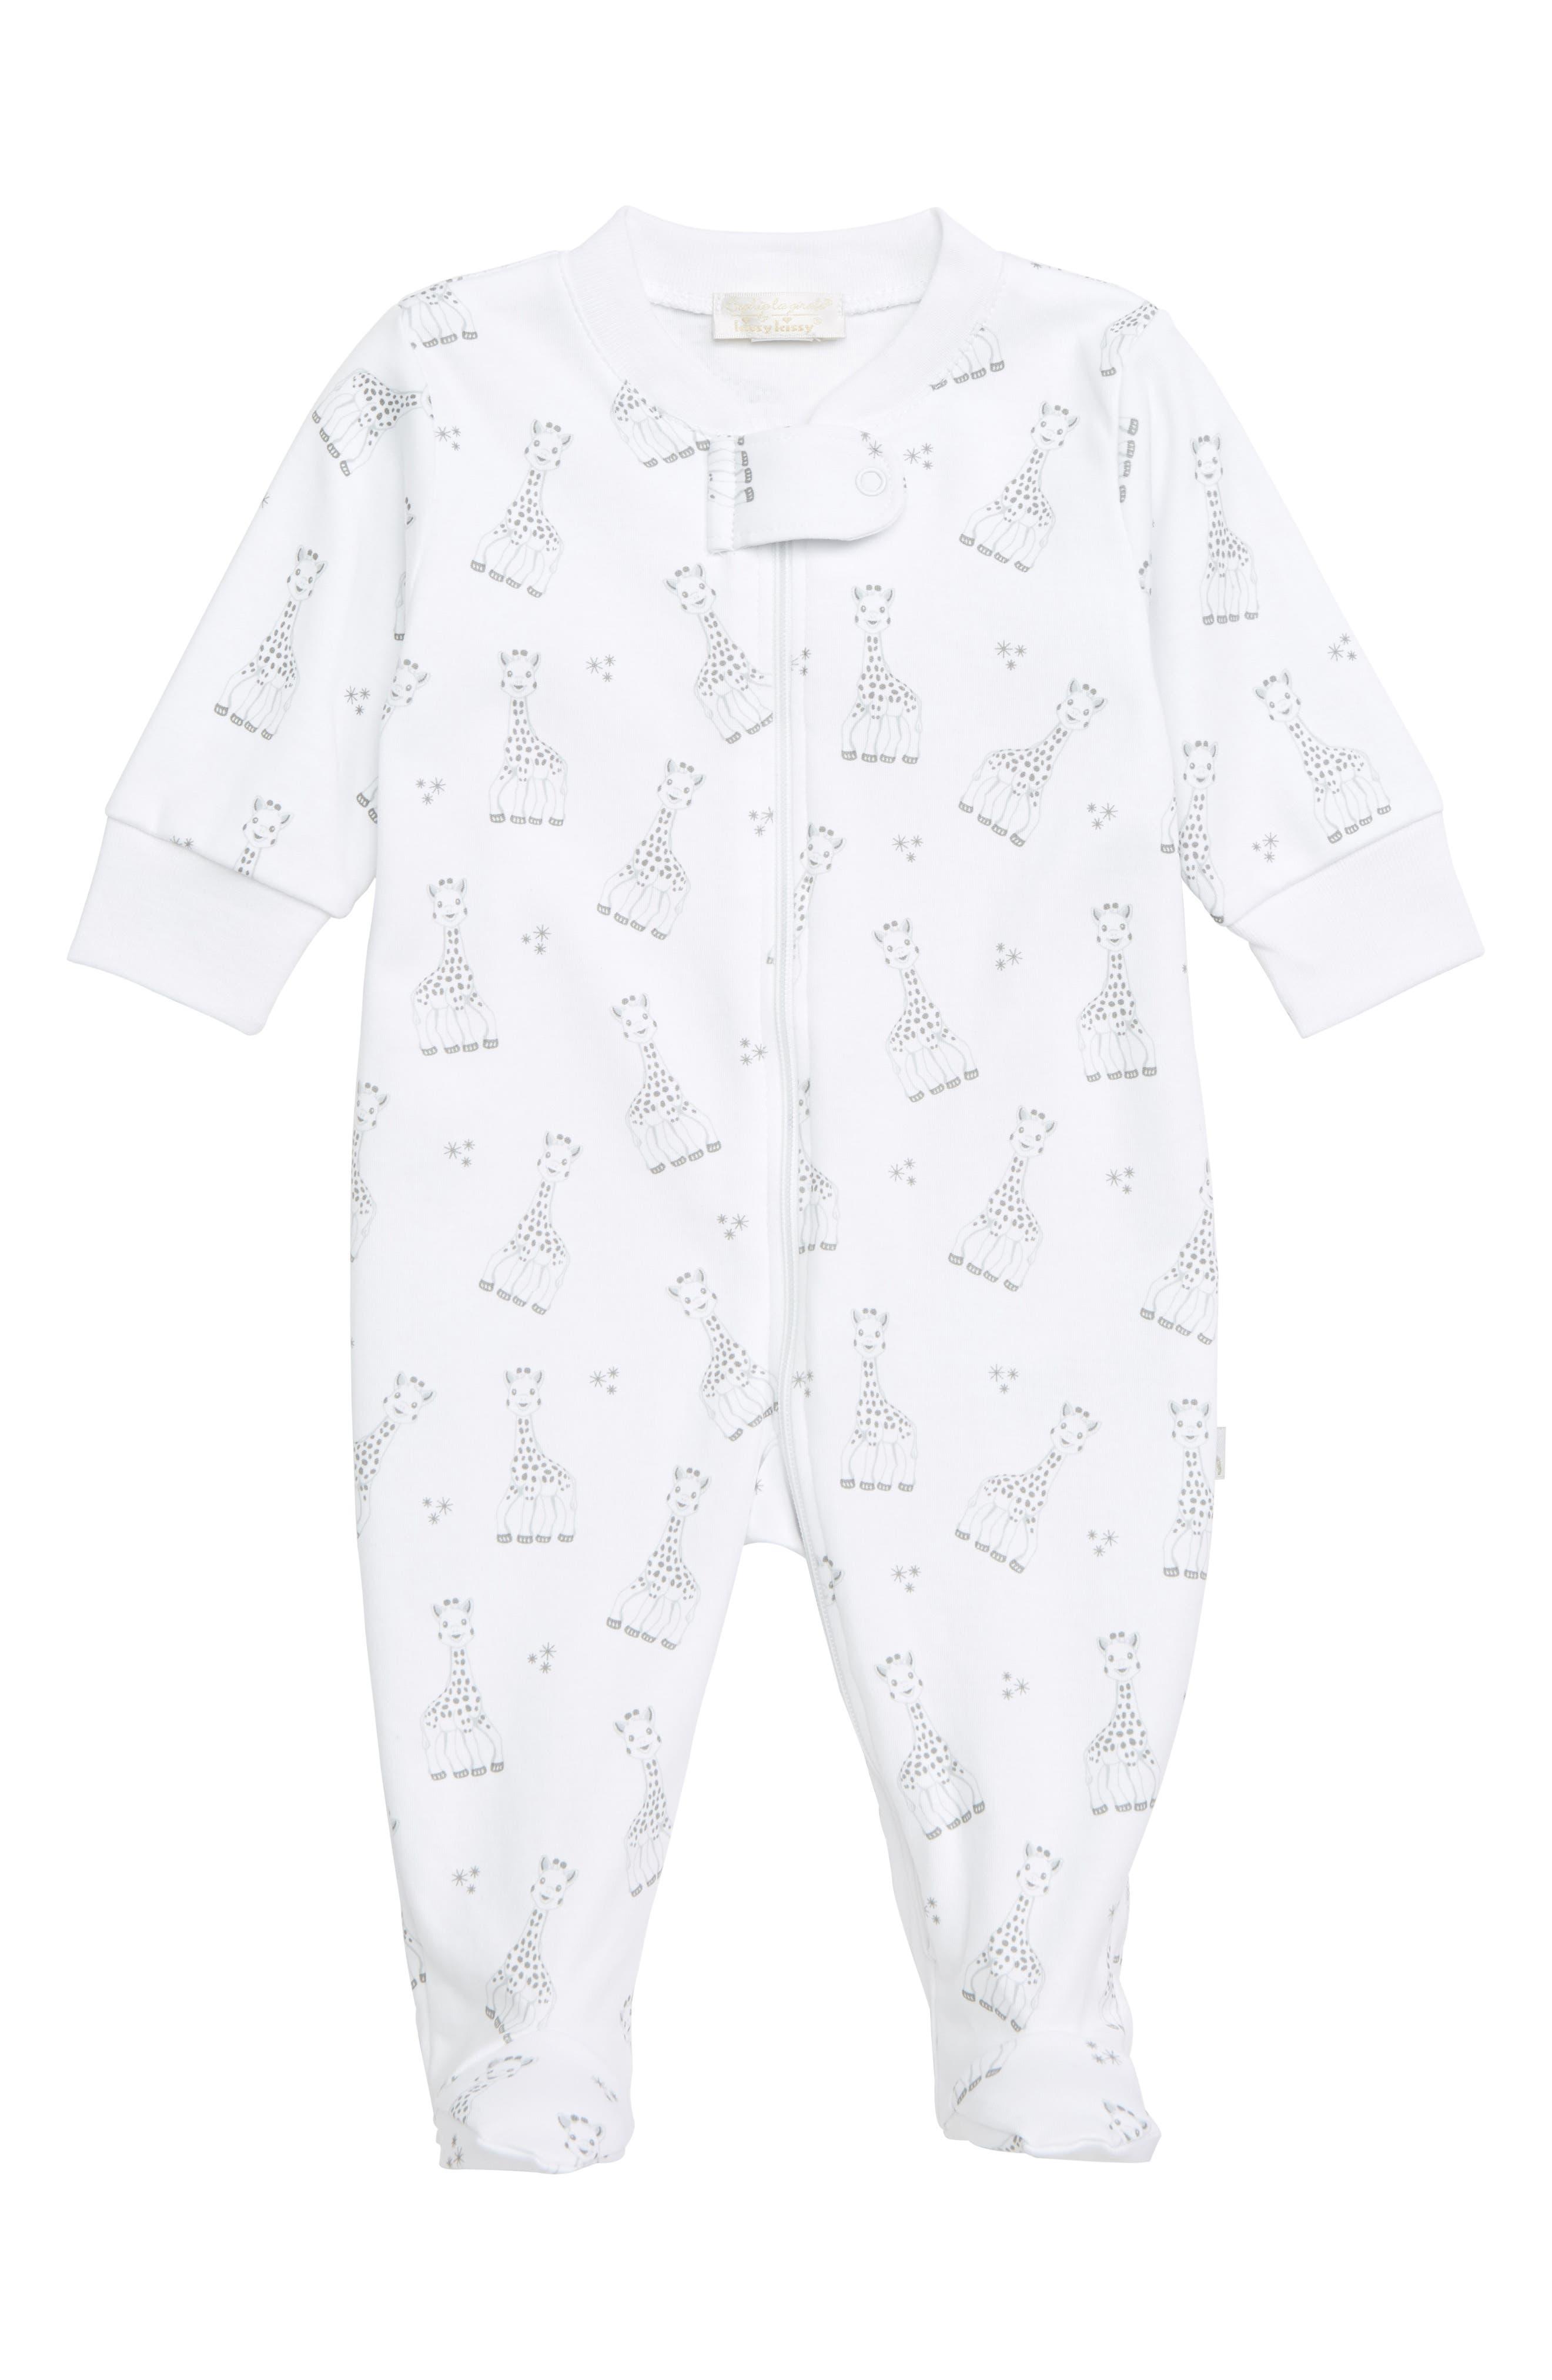 Infant Kissy Kissy X Sophie La Girafe Footie Size 36M  Grey